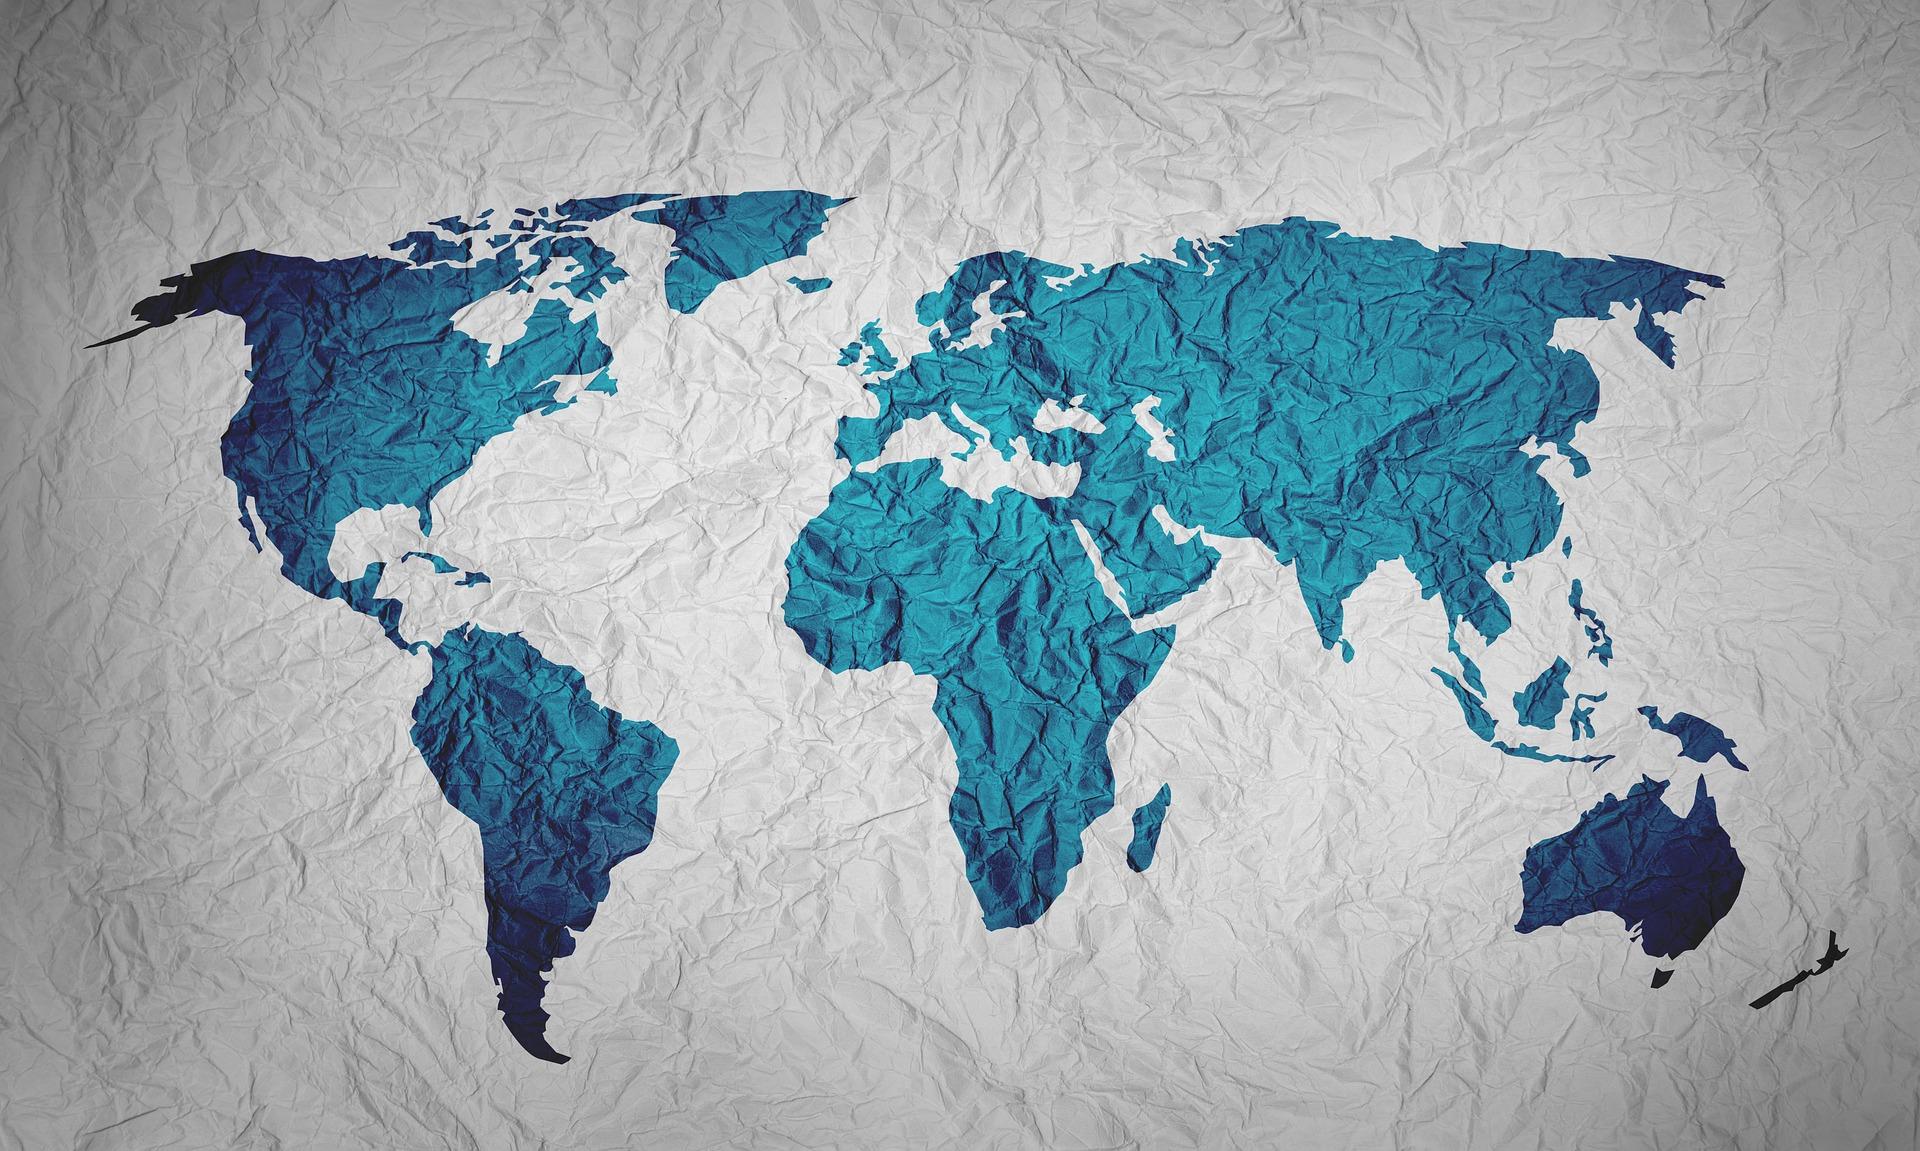 traductores mundiales